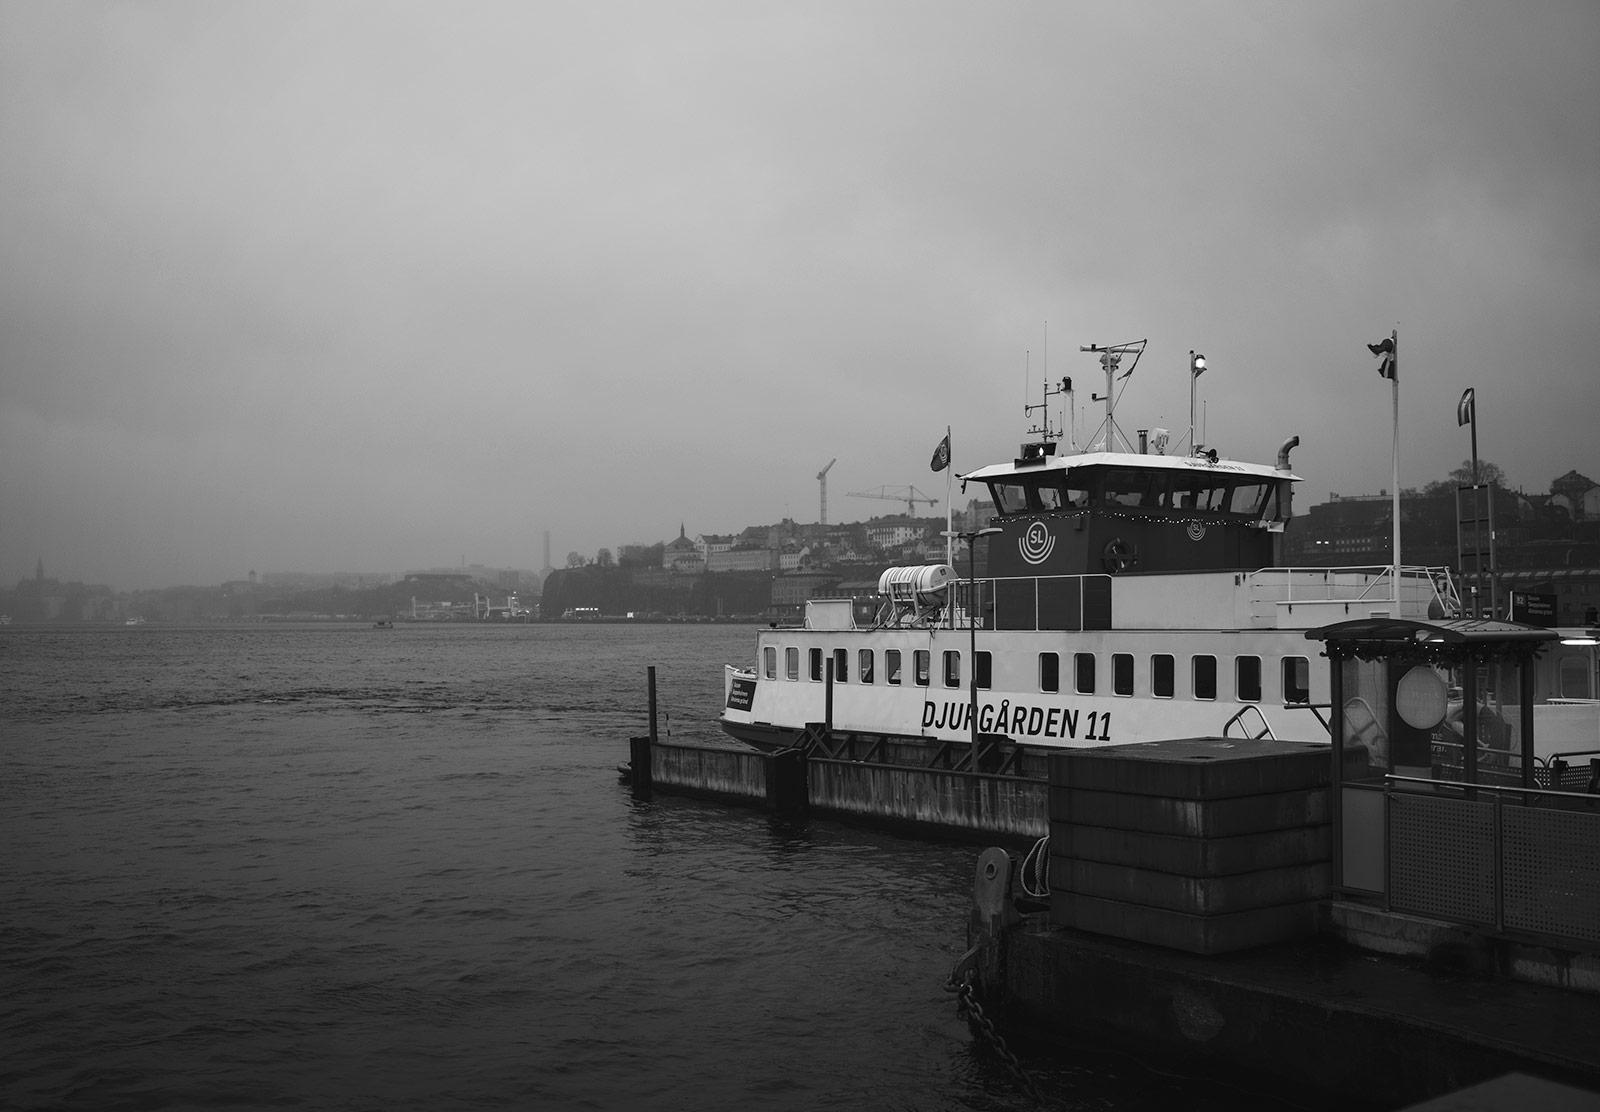 Djurgården ferry 11